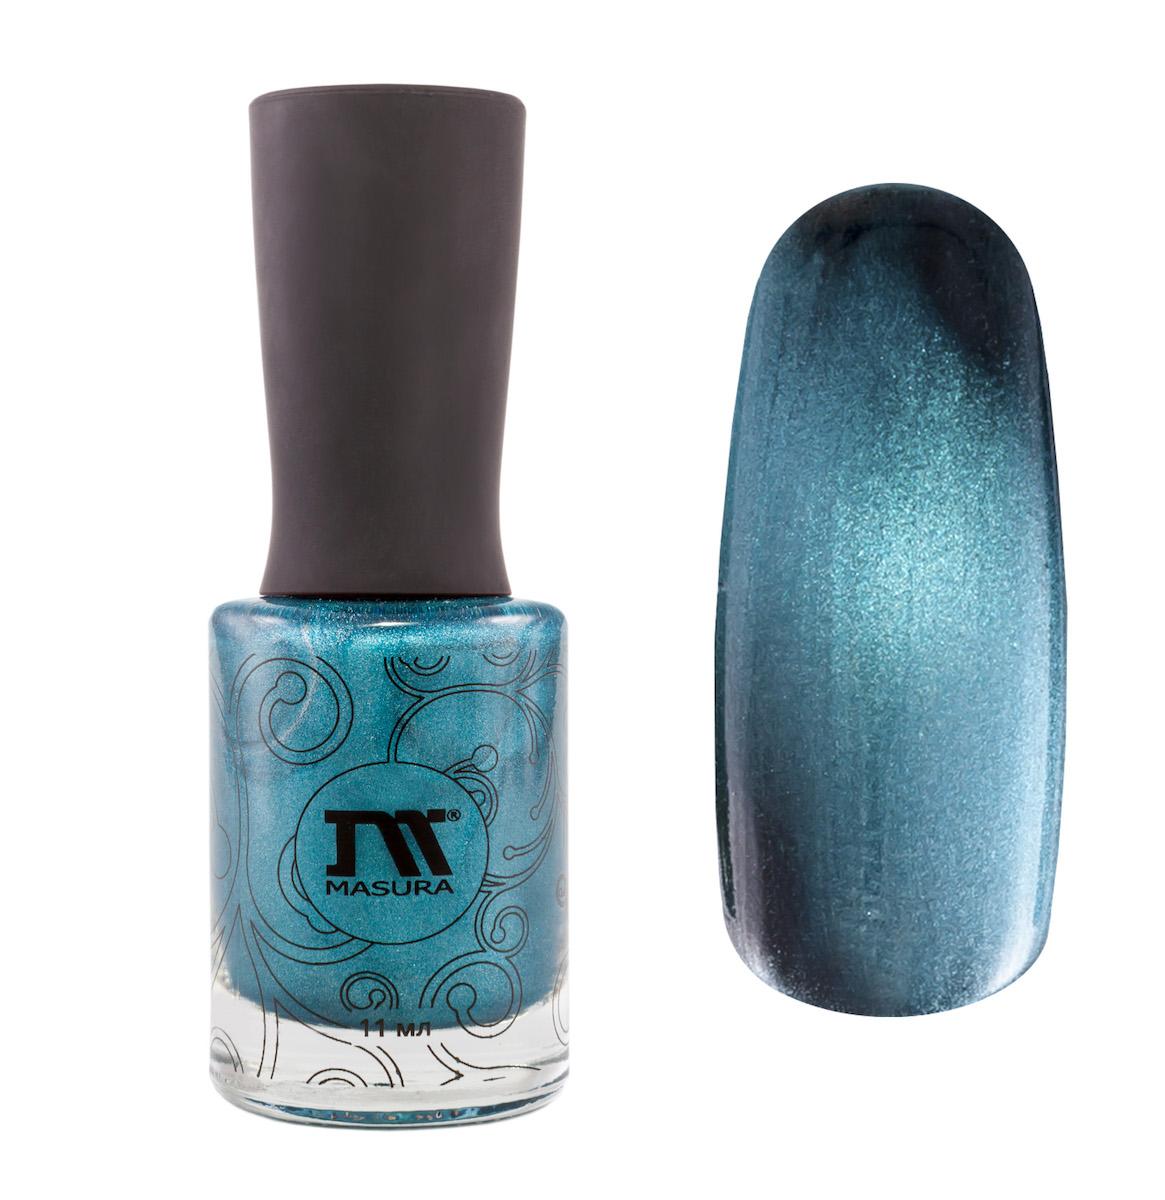 Masura Лак для ногтей Небесный Сапфир, 11 мл904-119небесно-синий